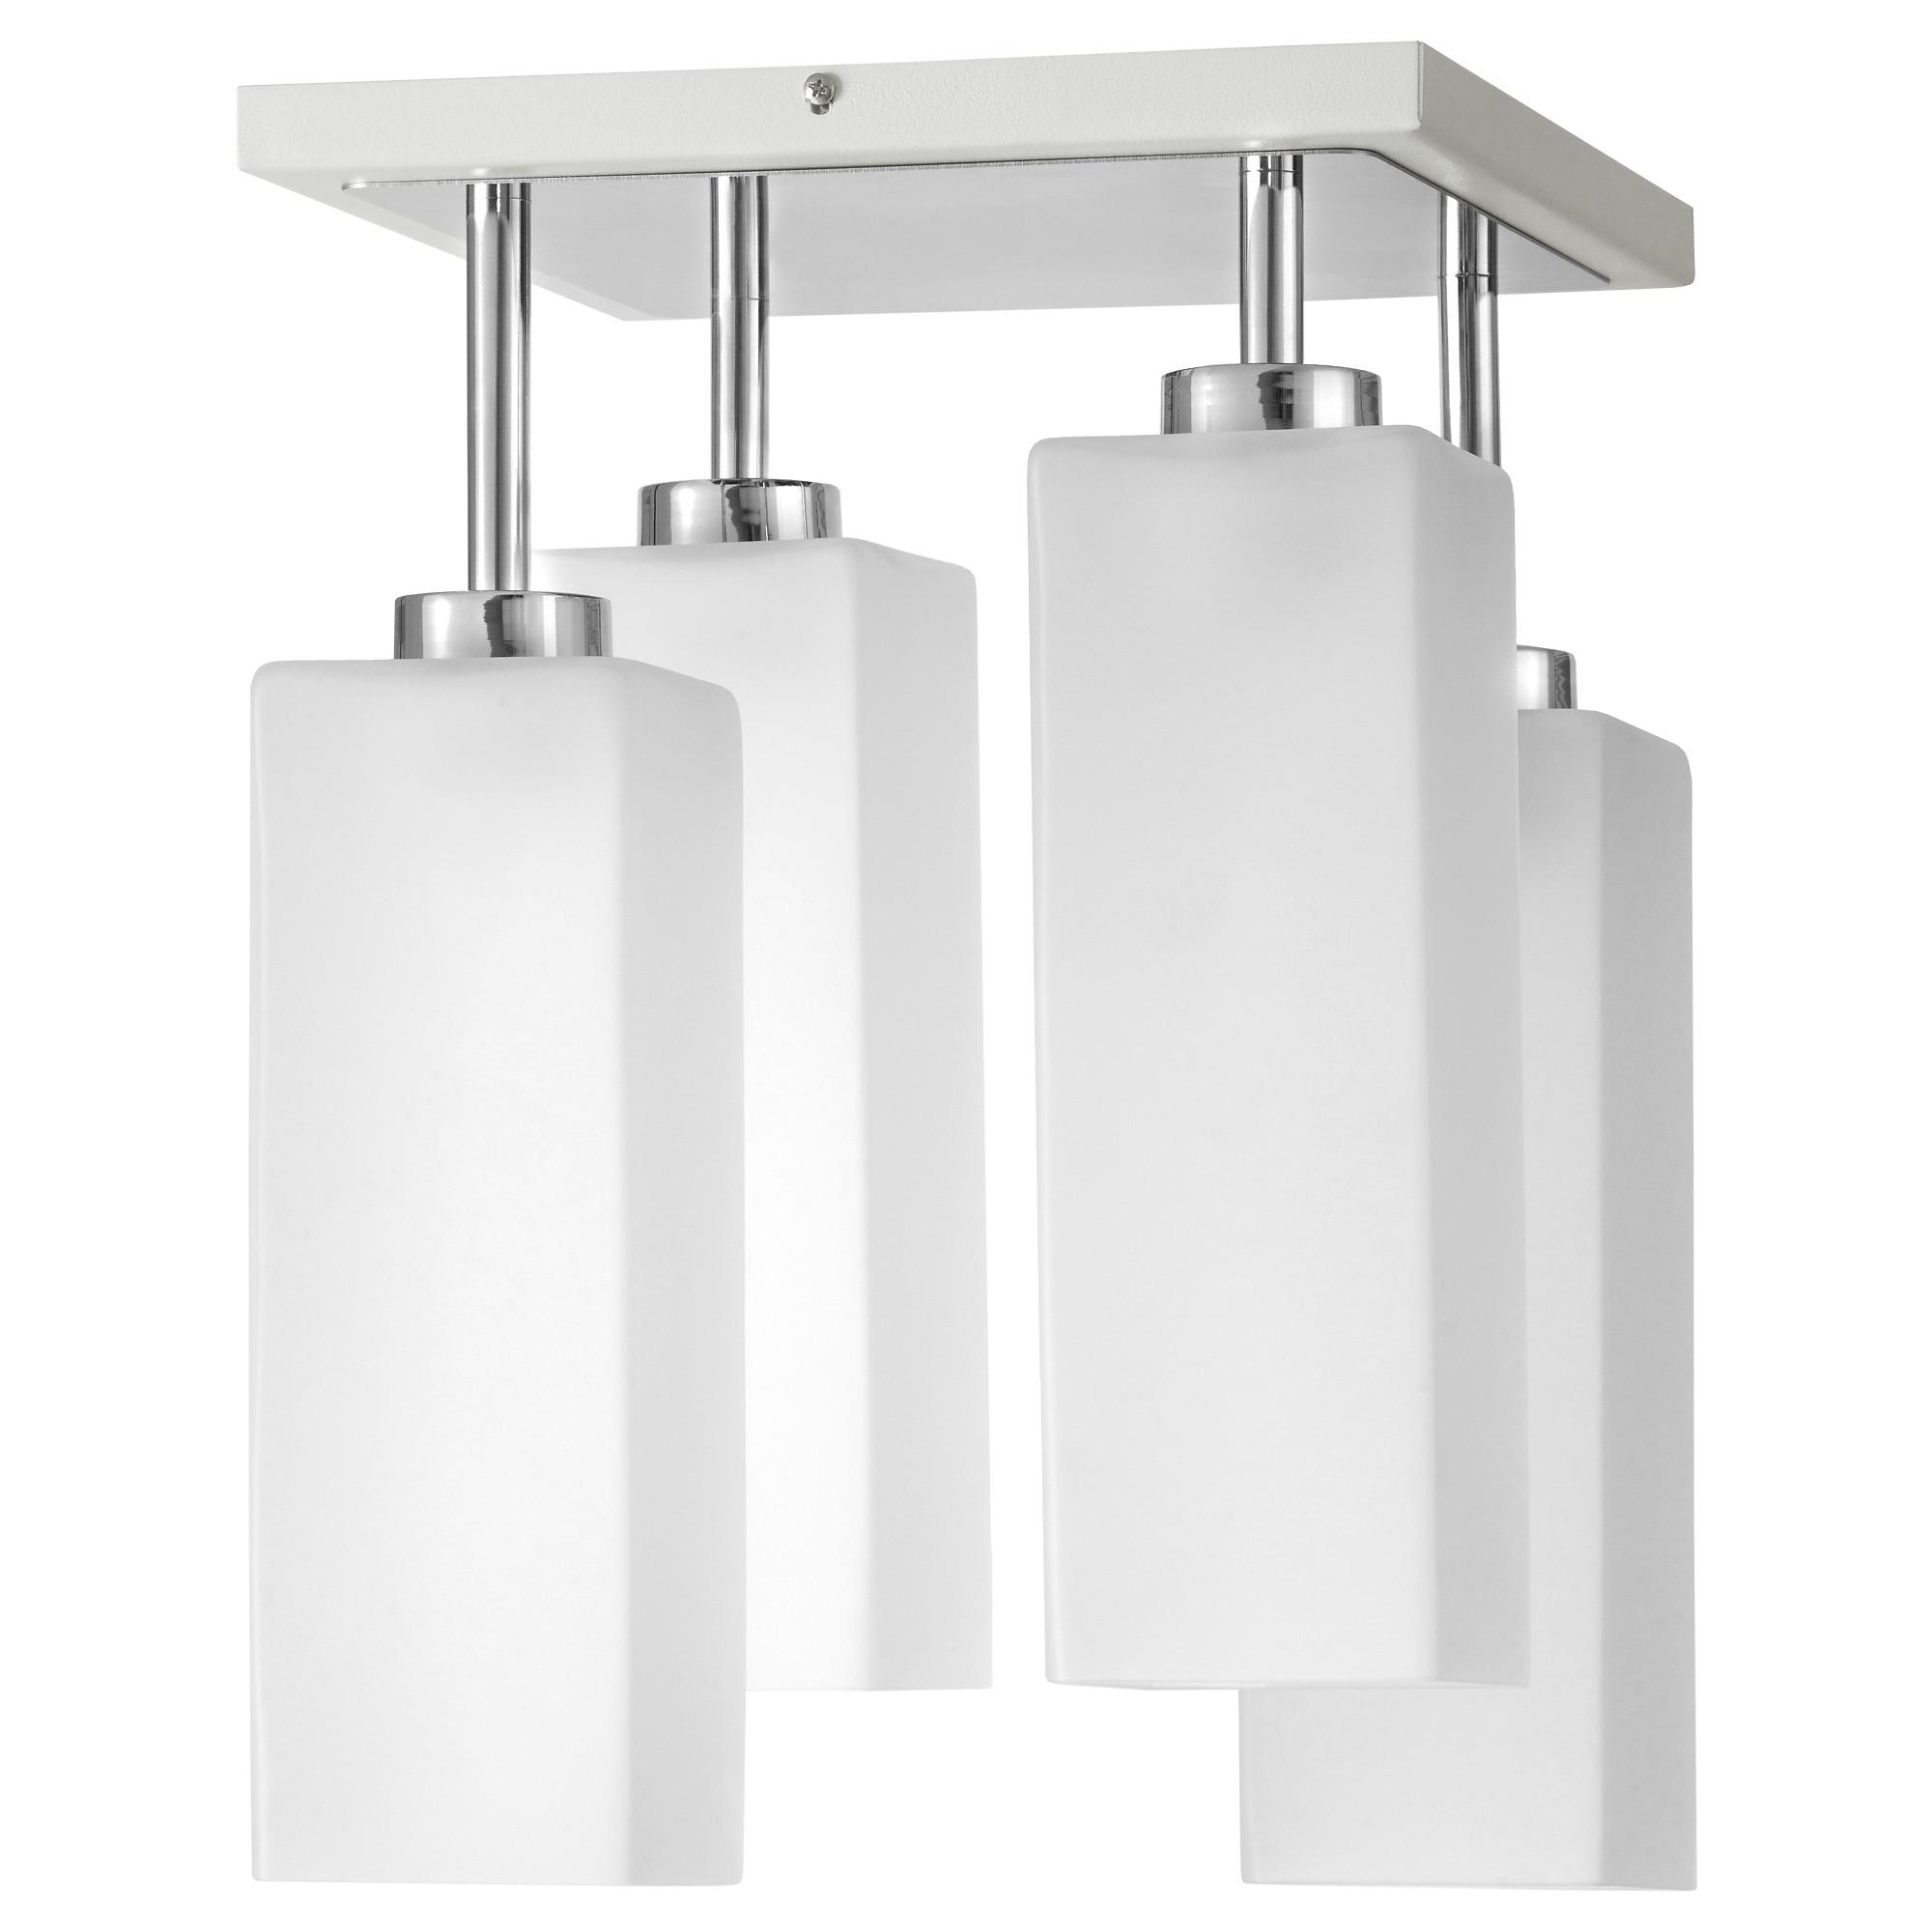 Потолочный светильник ГУЛЛЕБО артикуль № 103.800.90 в наличии. Online магазин IKEA РБ. Недорогая доставка и соборка.